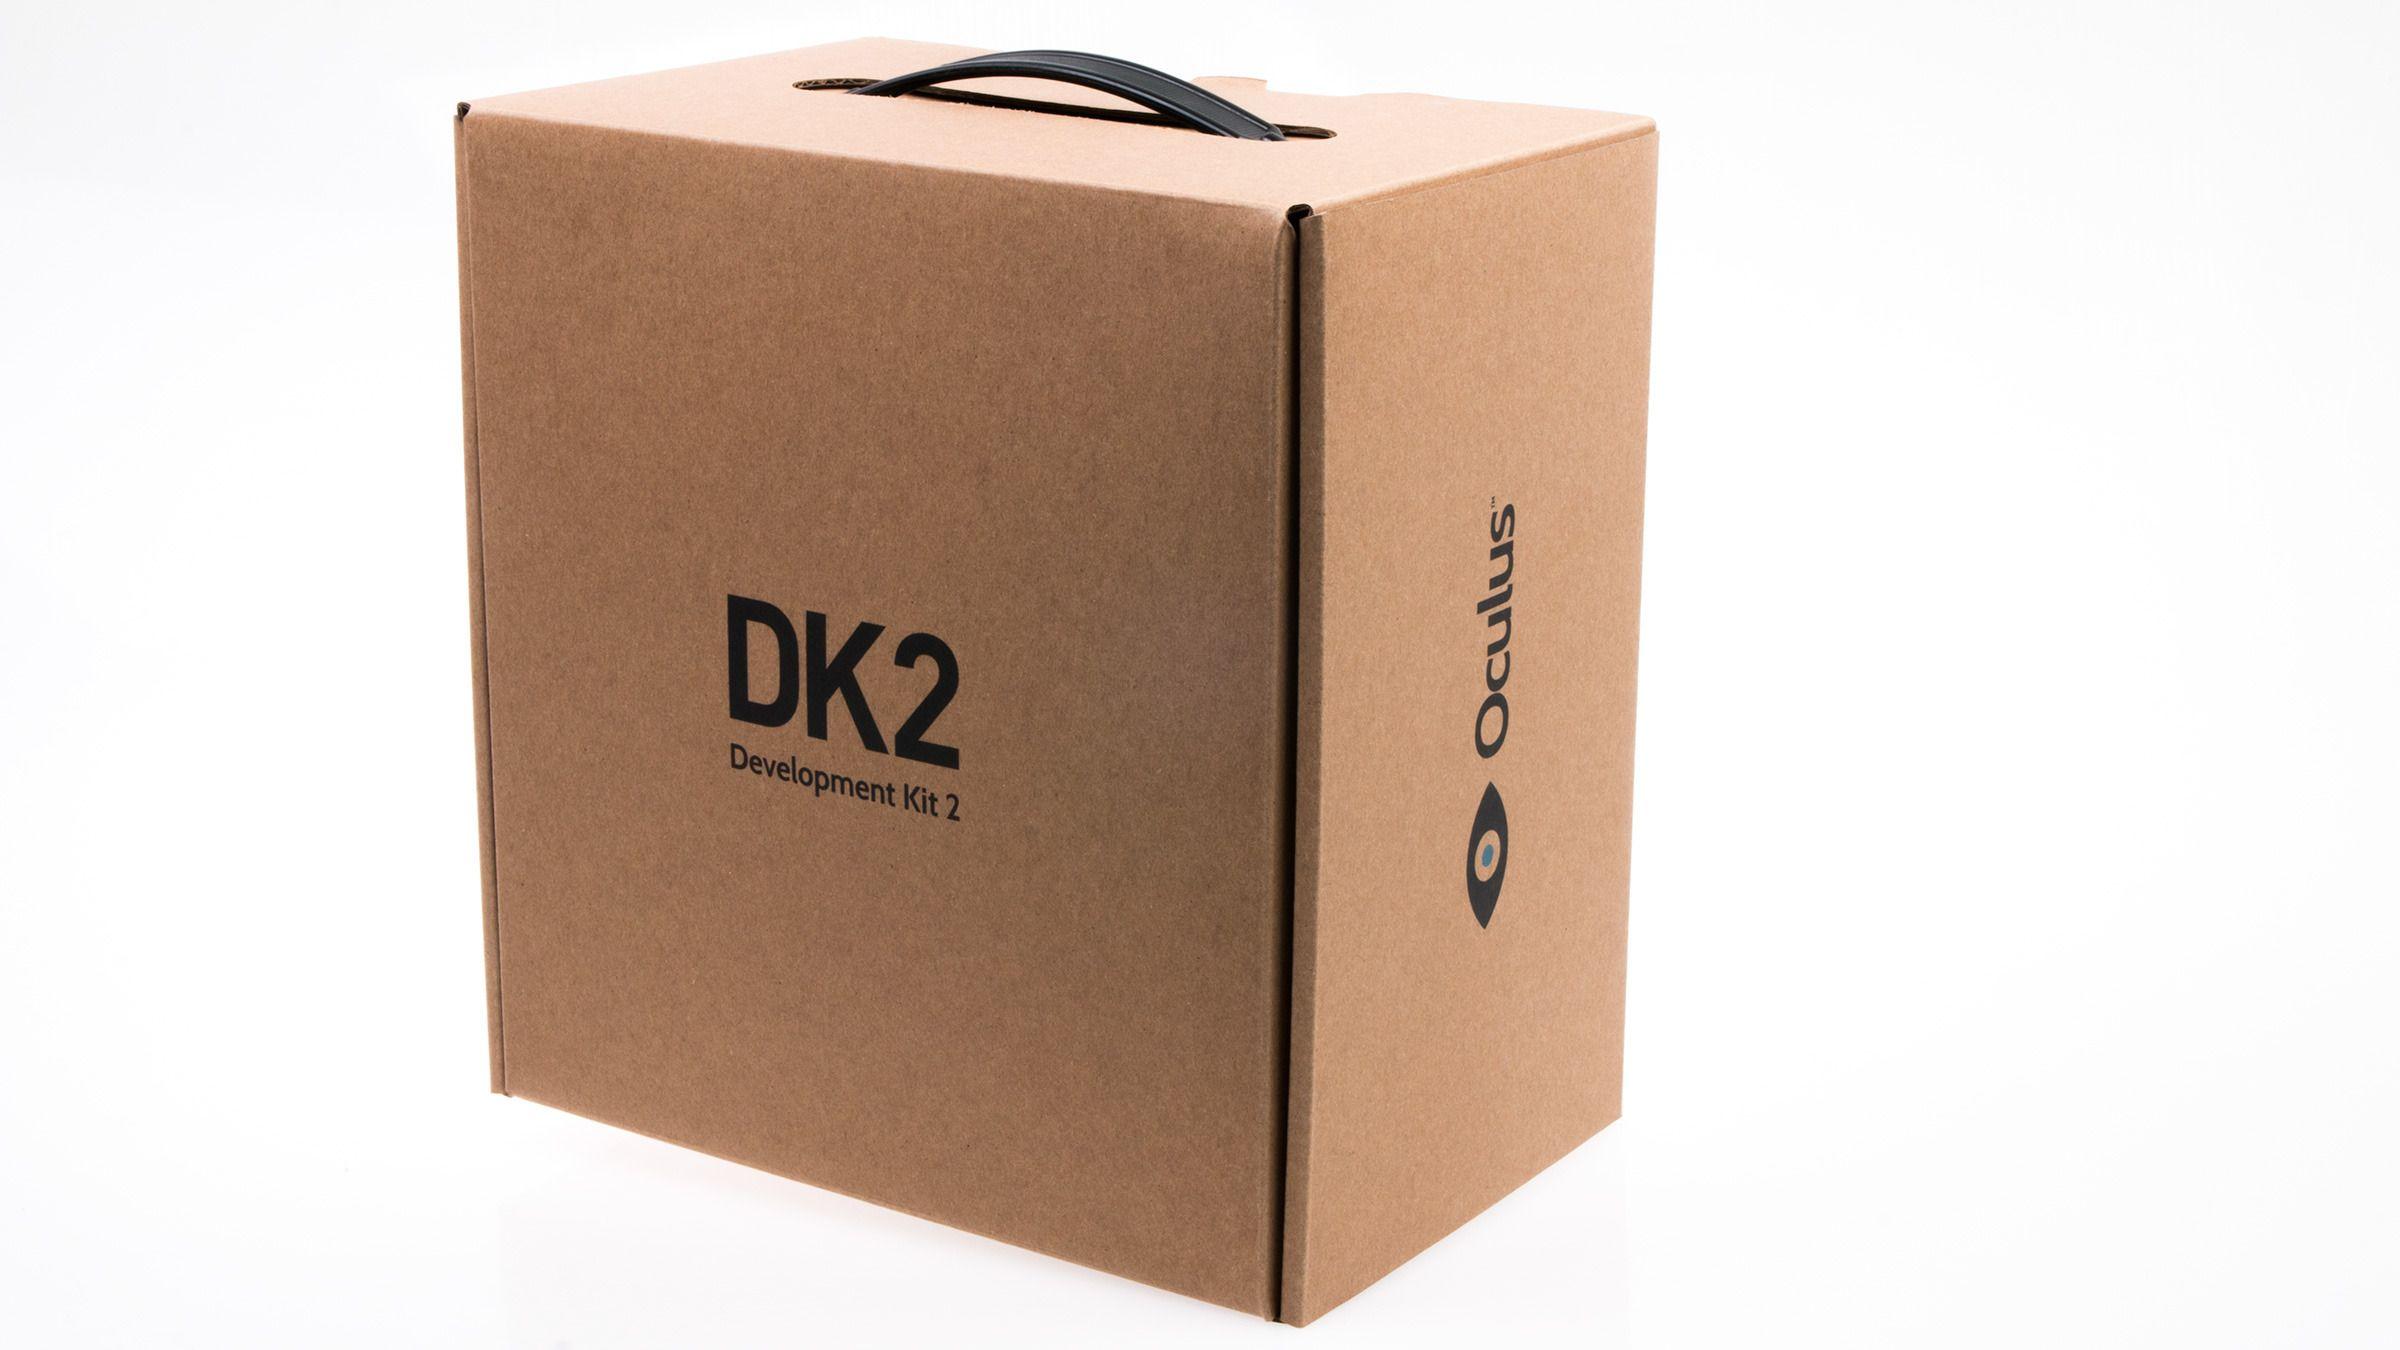 Oculus-logoen er plassert diskrét på sidene av esken. Vi må innrømme at vi har sett styggere pappesker.Foto: Varg Aamo, Tek.no